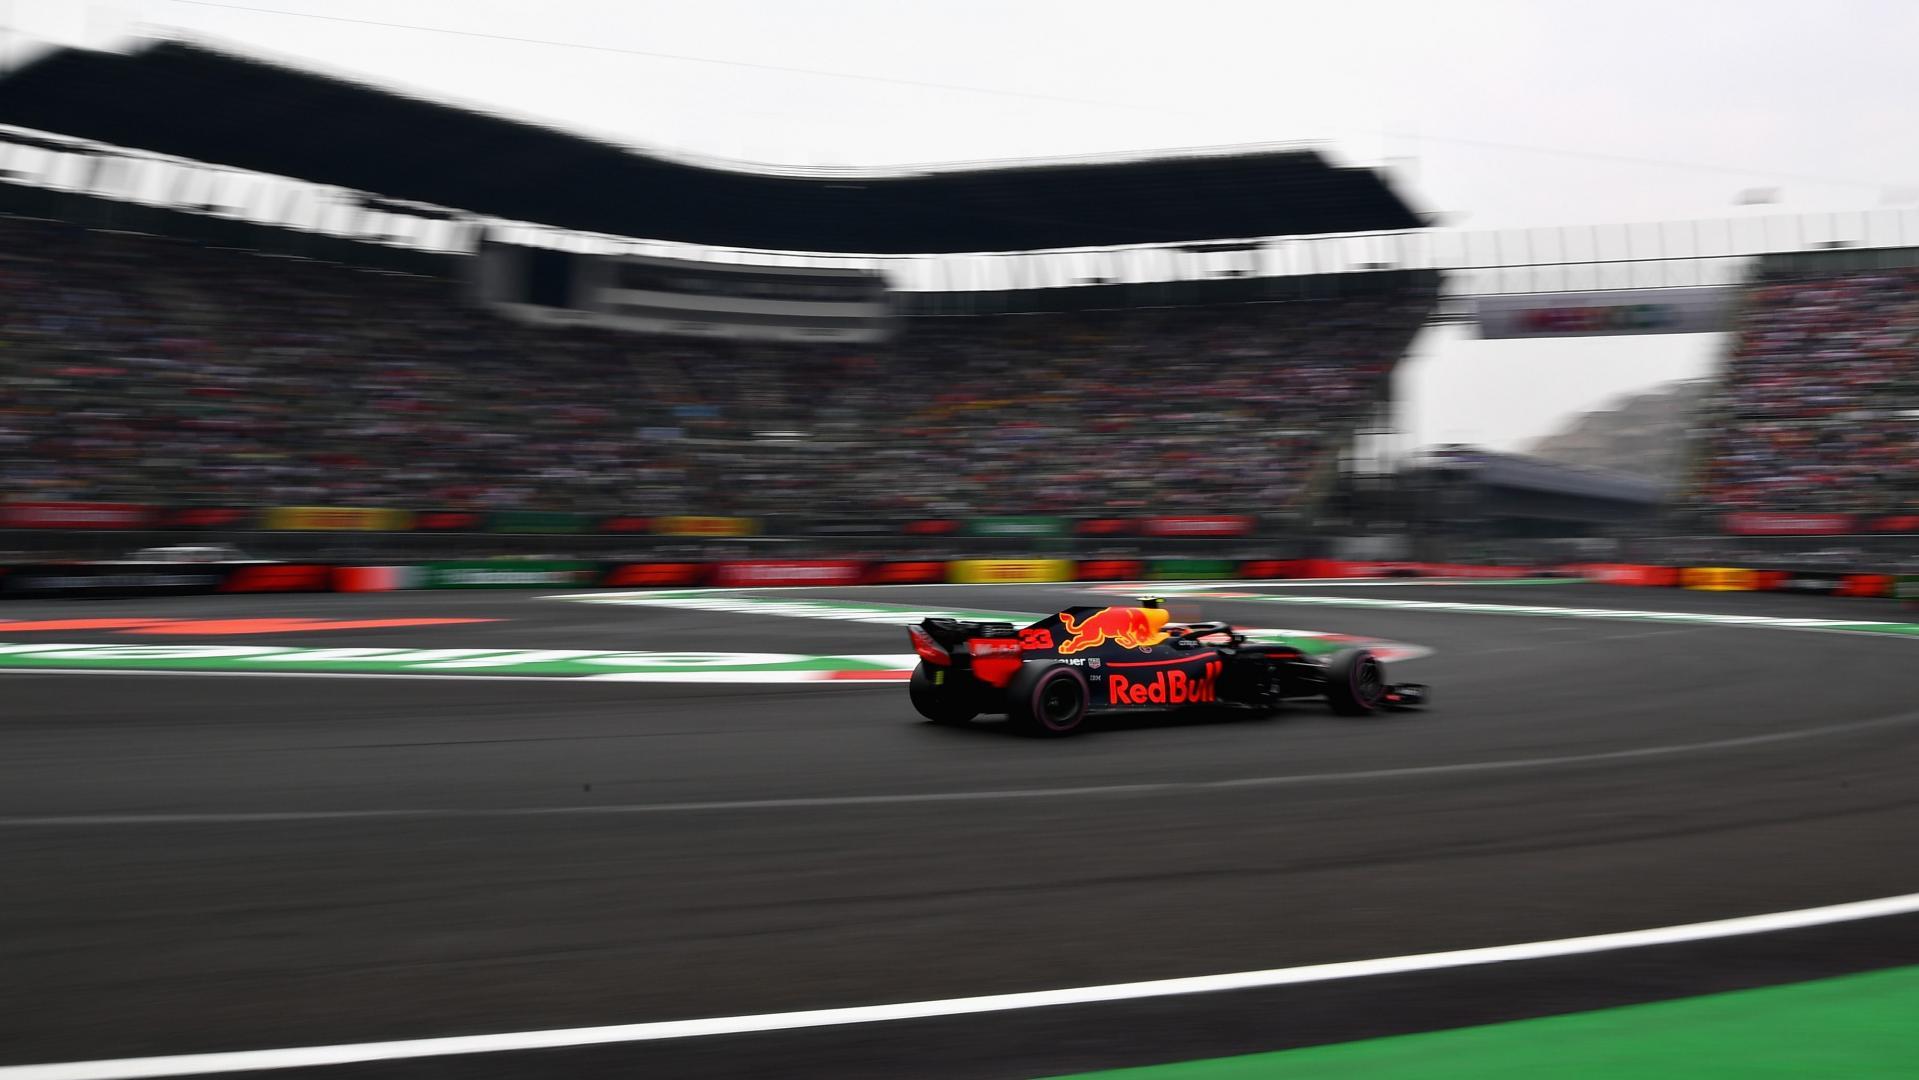 Max Verstappen in stadion GP van Mexico 2018